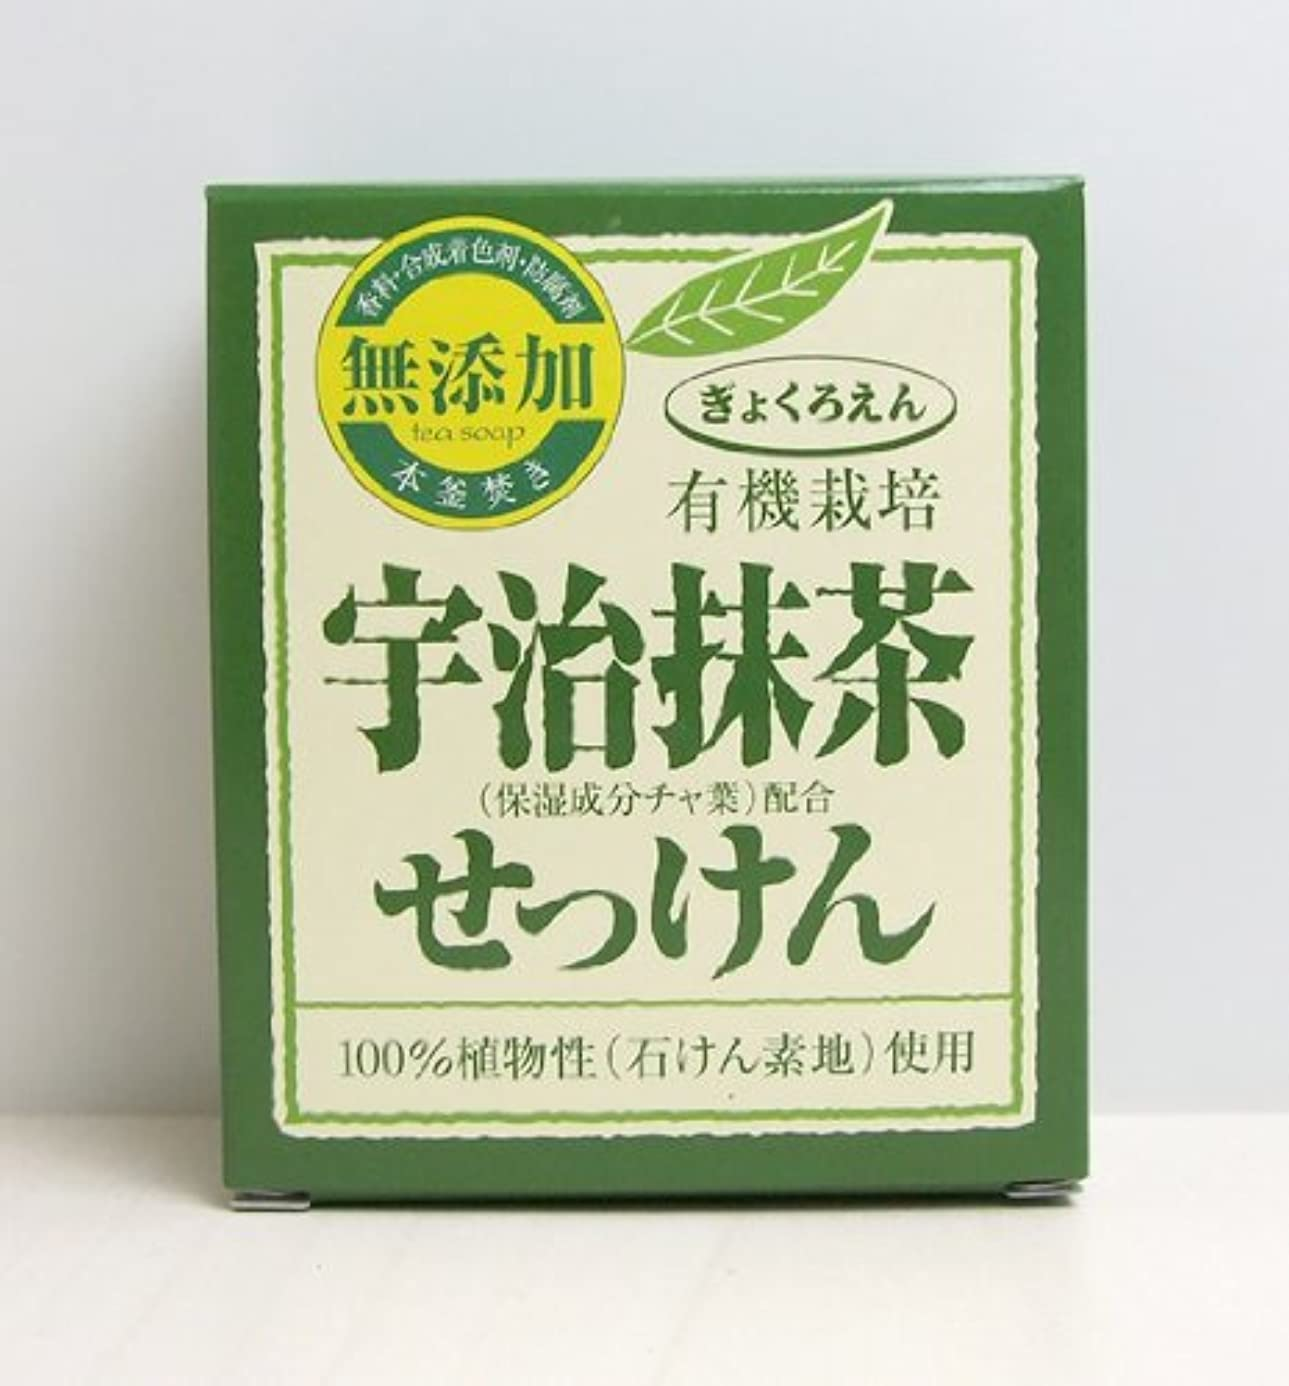 遮るリッチ性格お茶のせっけん:有機栽培宇治抹茶せっけん